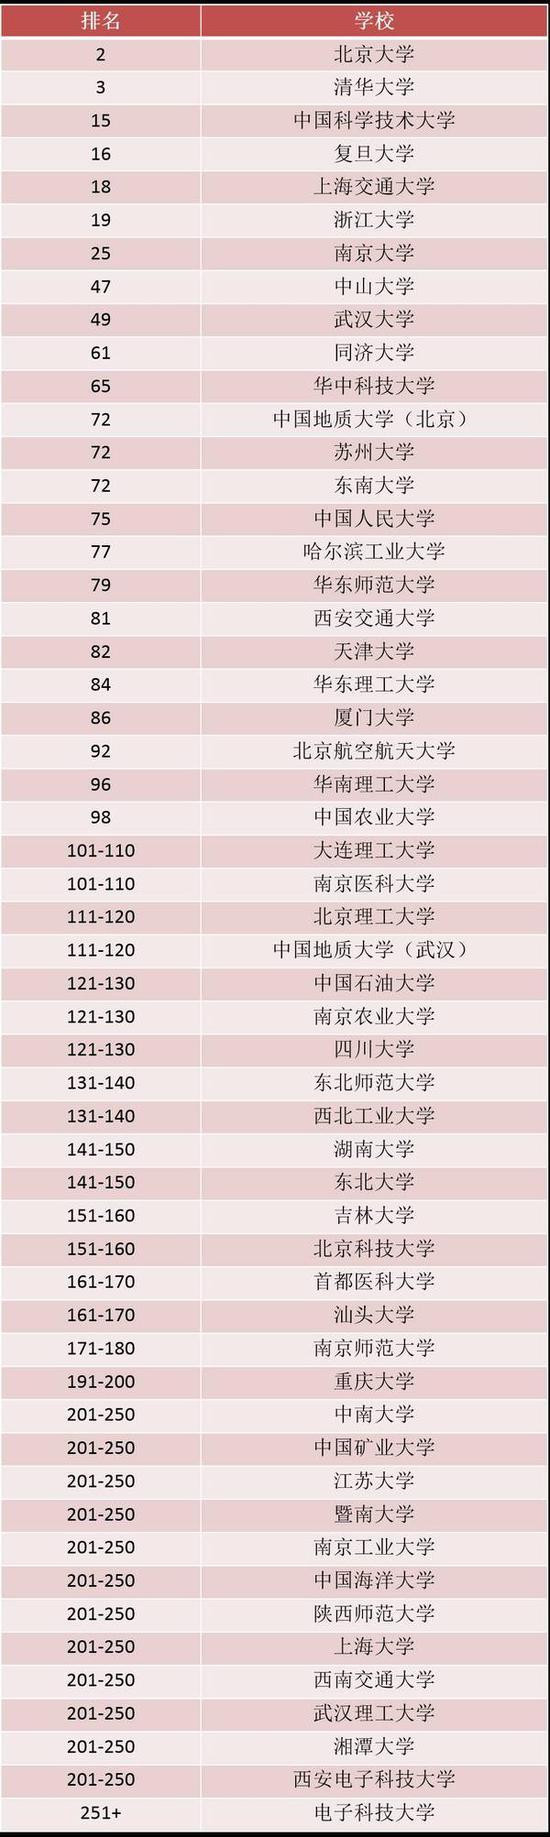 中国高校在排名中的表现